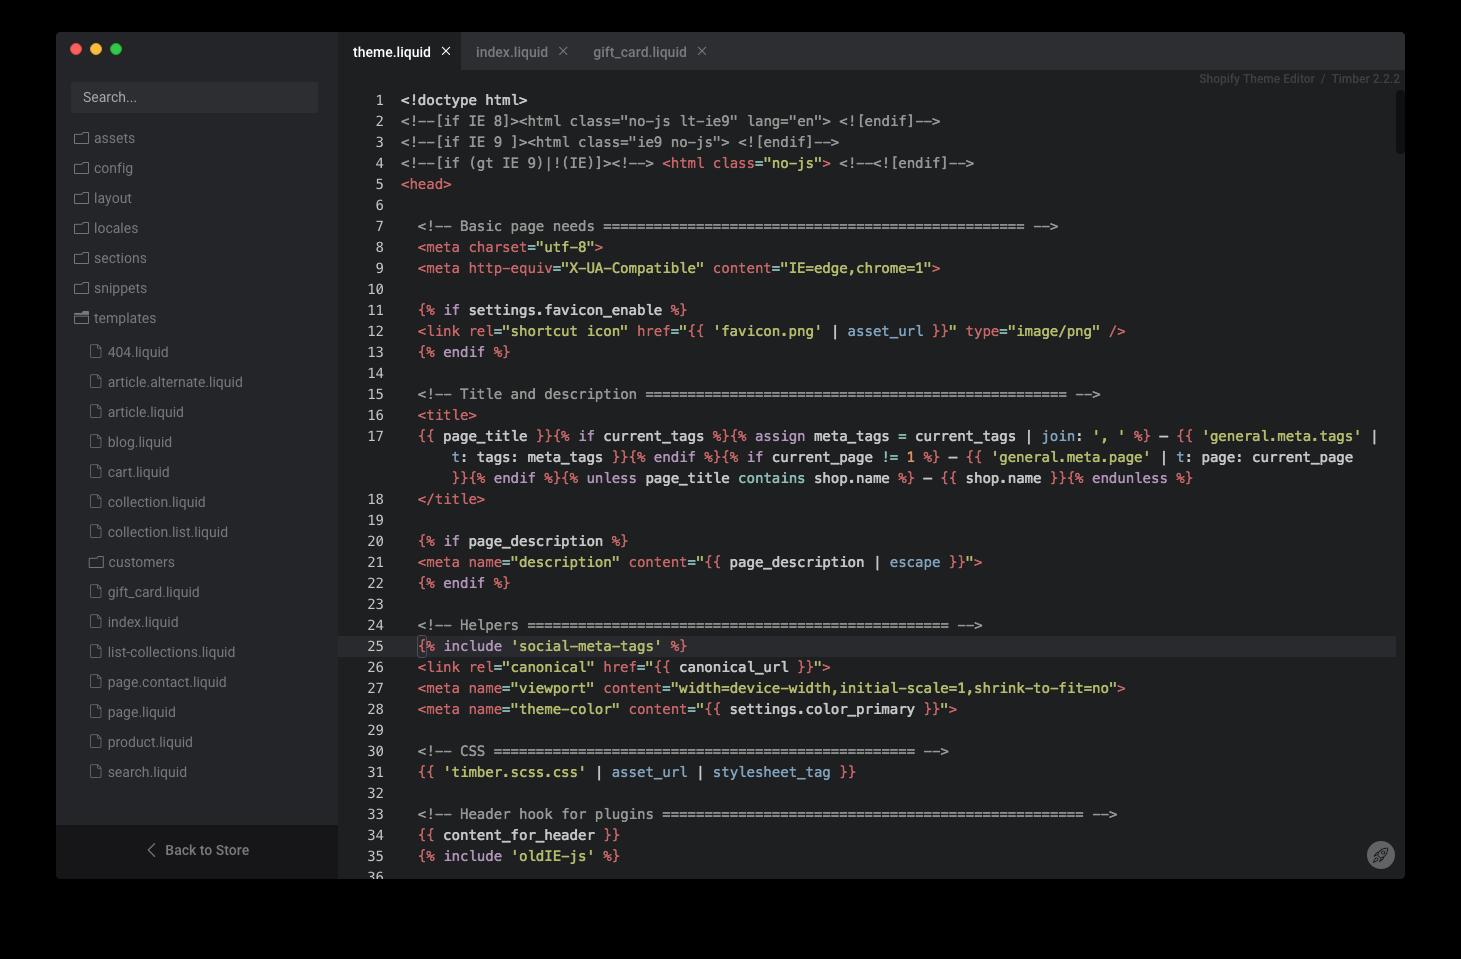 Motifmate - Hassle-free Shopify Desktop Theme Editor